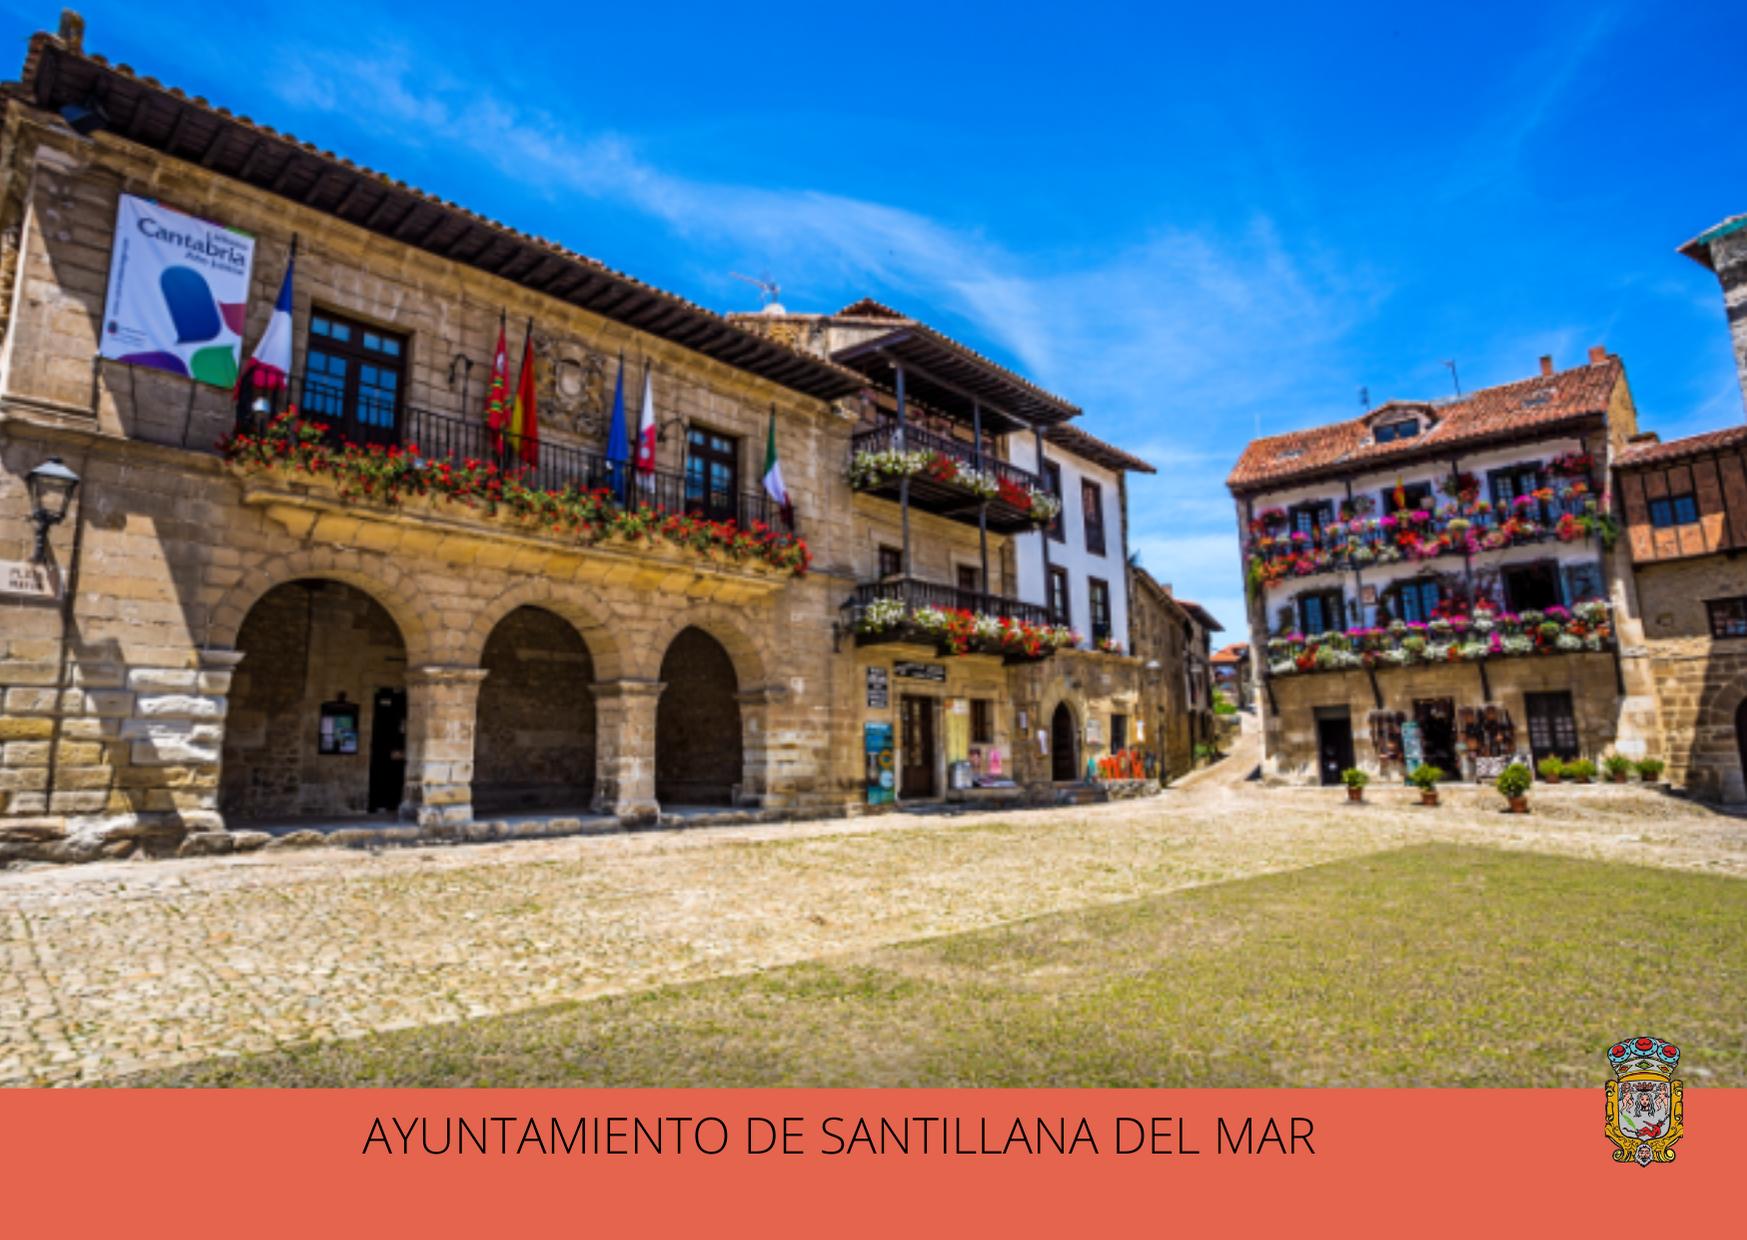 El pleno de Santillana del Mar ha aprobado la modificación de las ordenanzas reguladoras del IBI, agua y vehículos de tracción mecánica